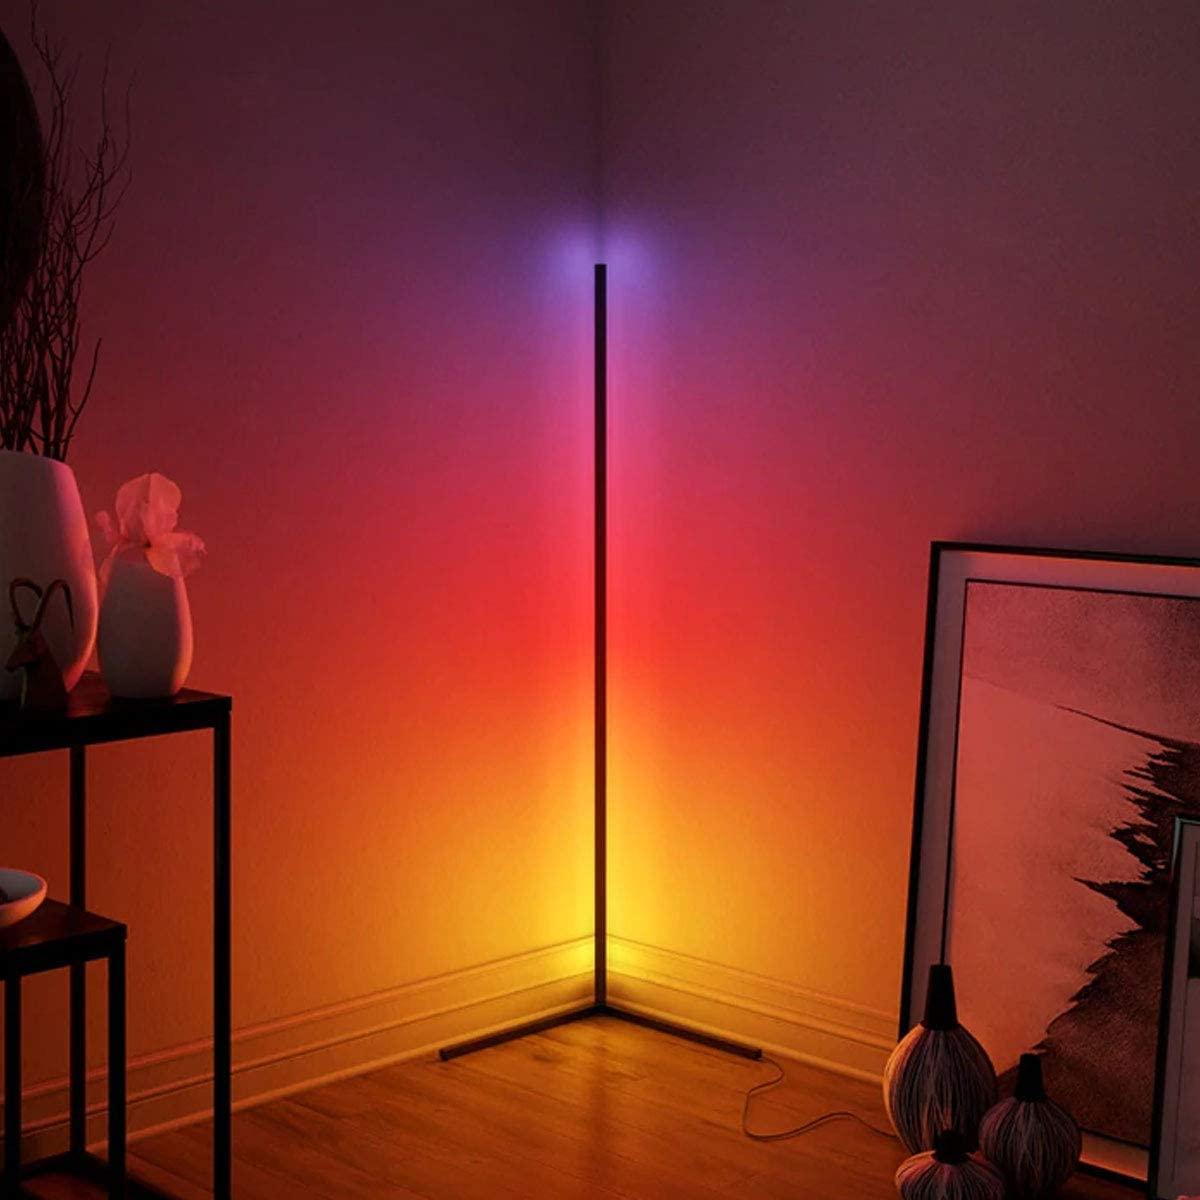 rgb-corner-floor-lamp-with-remote-control-prysm